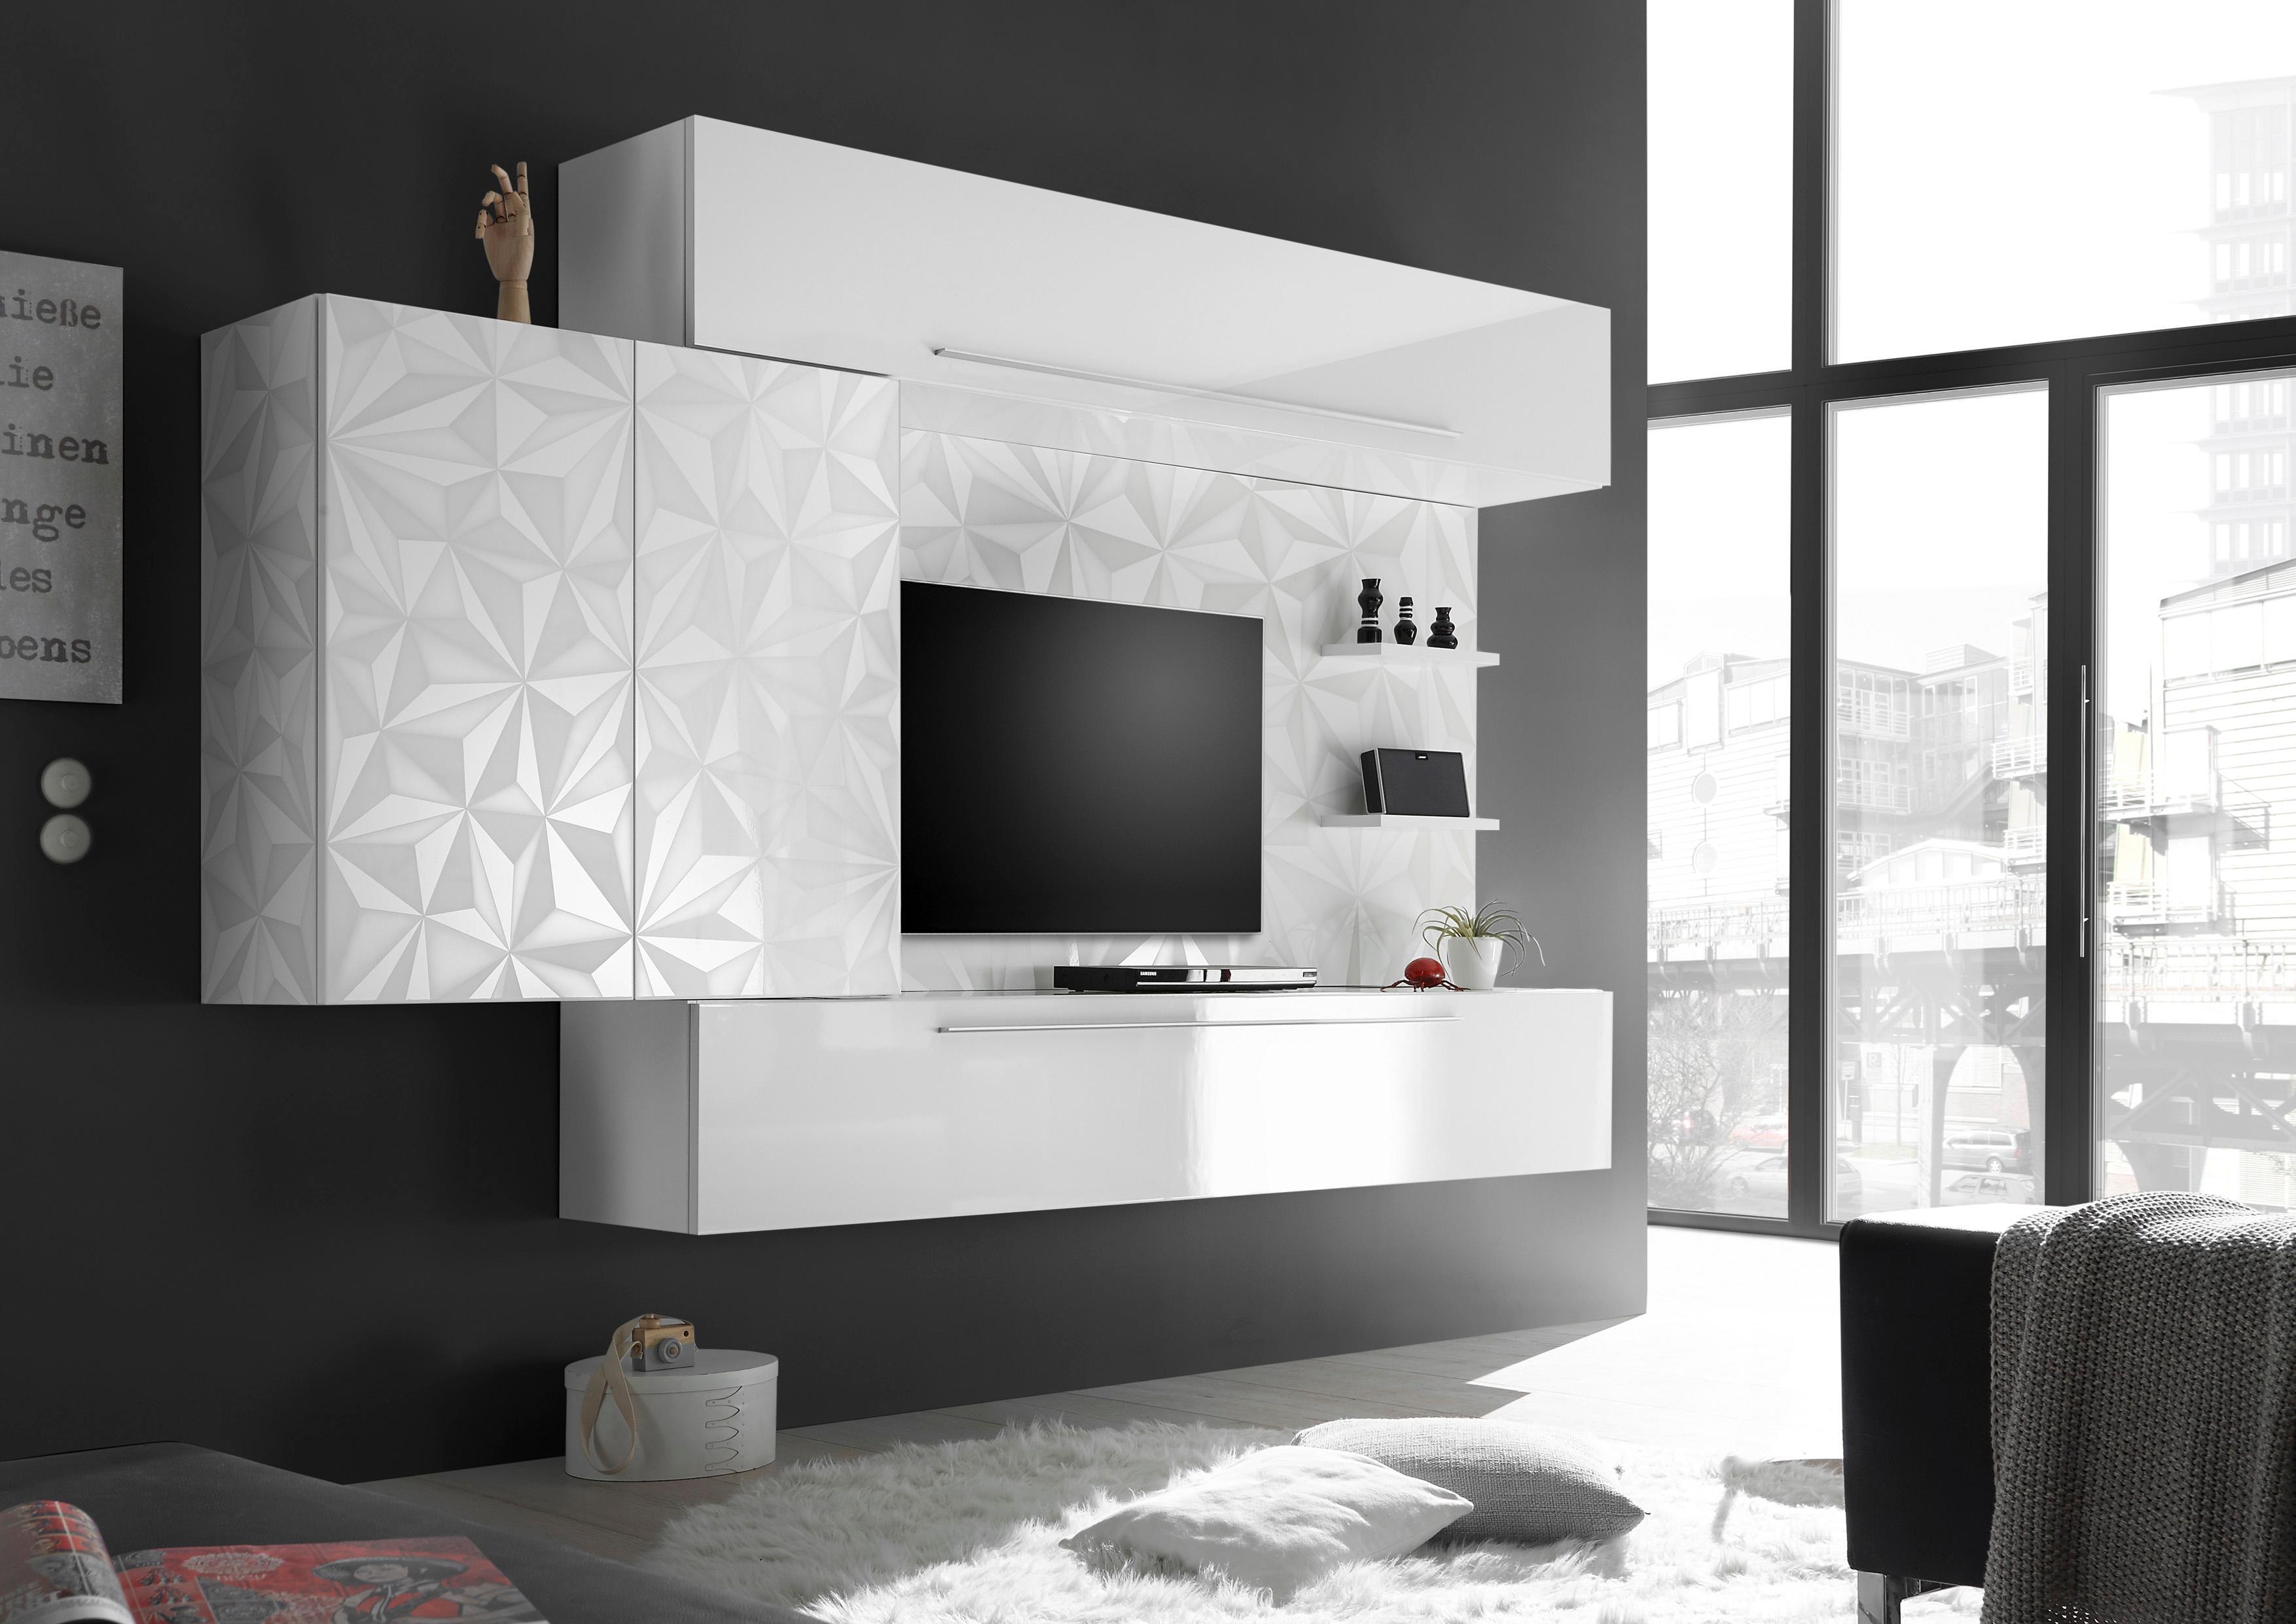 wohnwand modern preise vergleichen und g nstig einkaufen bei der preis. Black Bedroom Furniture Sets. Home Design Ideas